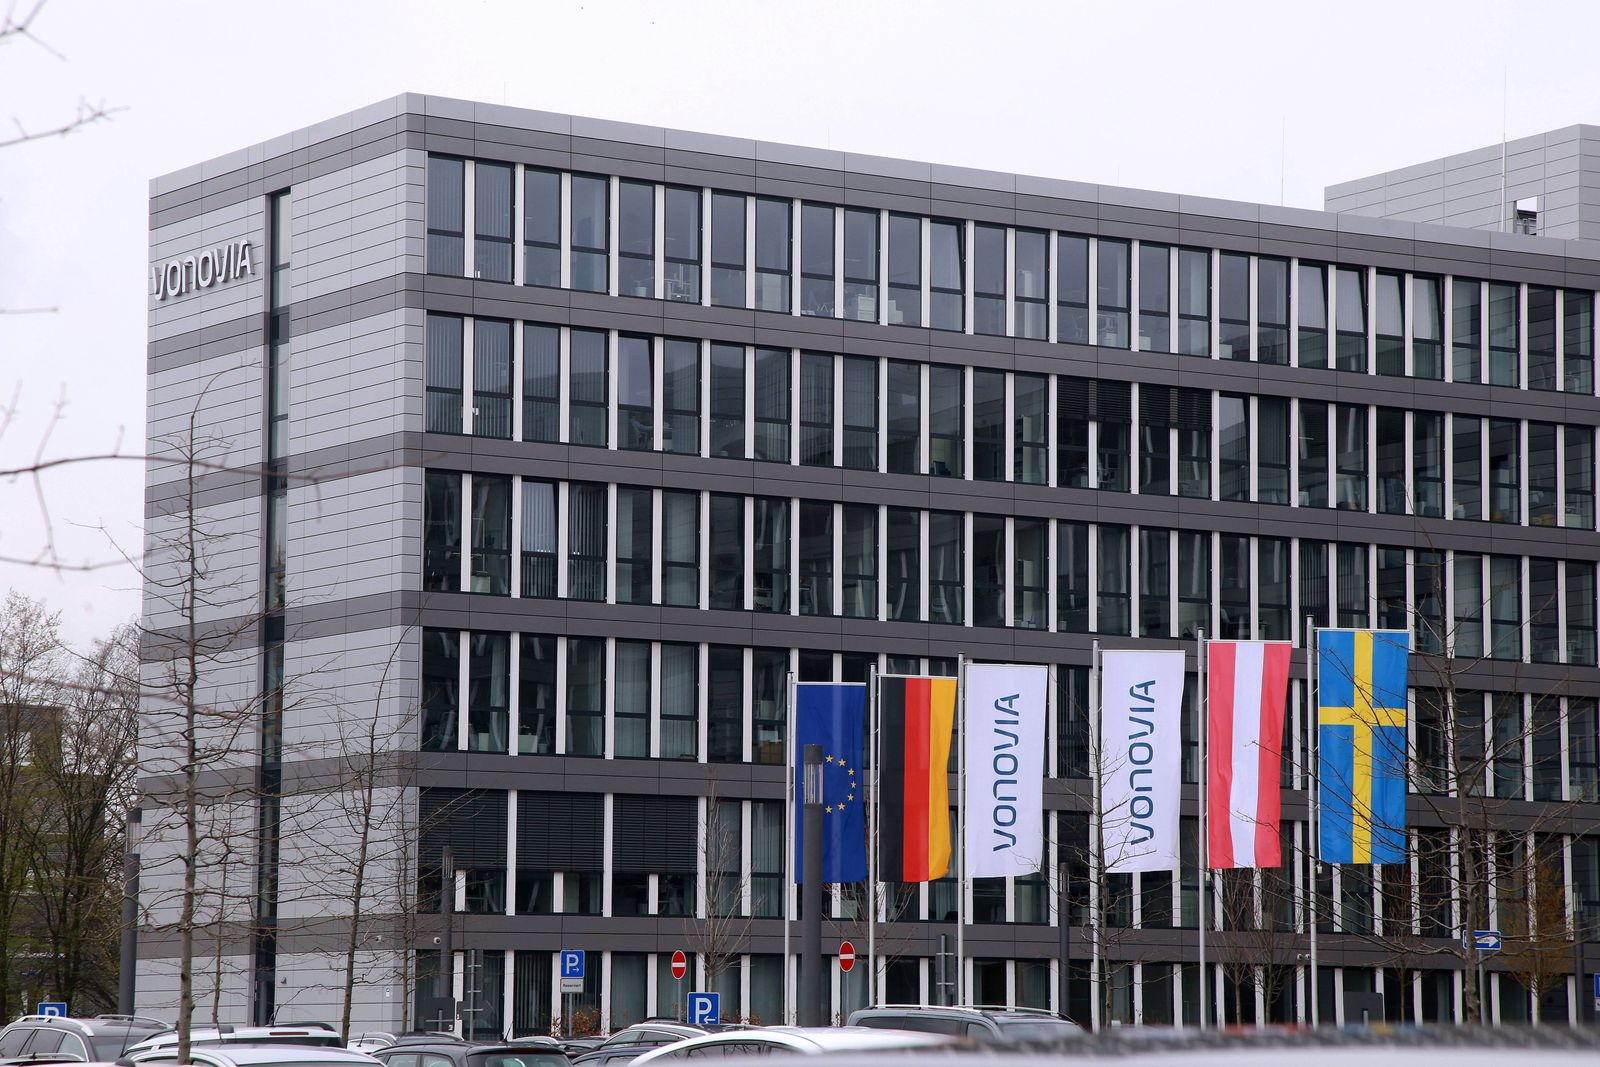 Firmensitz der Vonovia Wohnungsgesellschaft in Bochum. *** Headquarters of Vonovia Wohnungsgesellschaft in Bochum